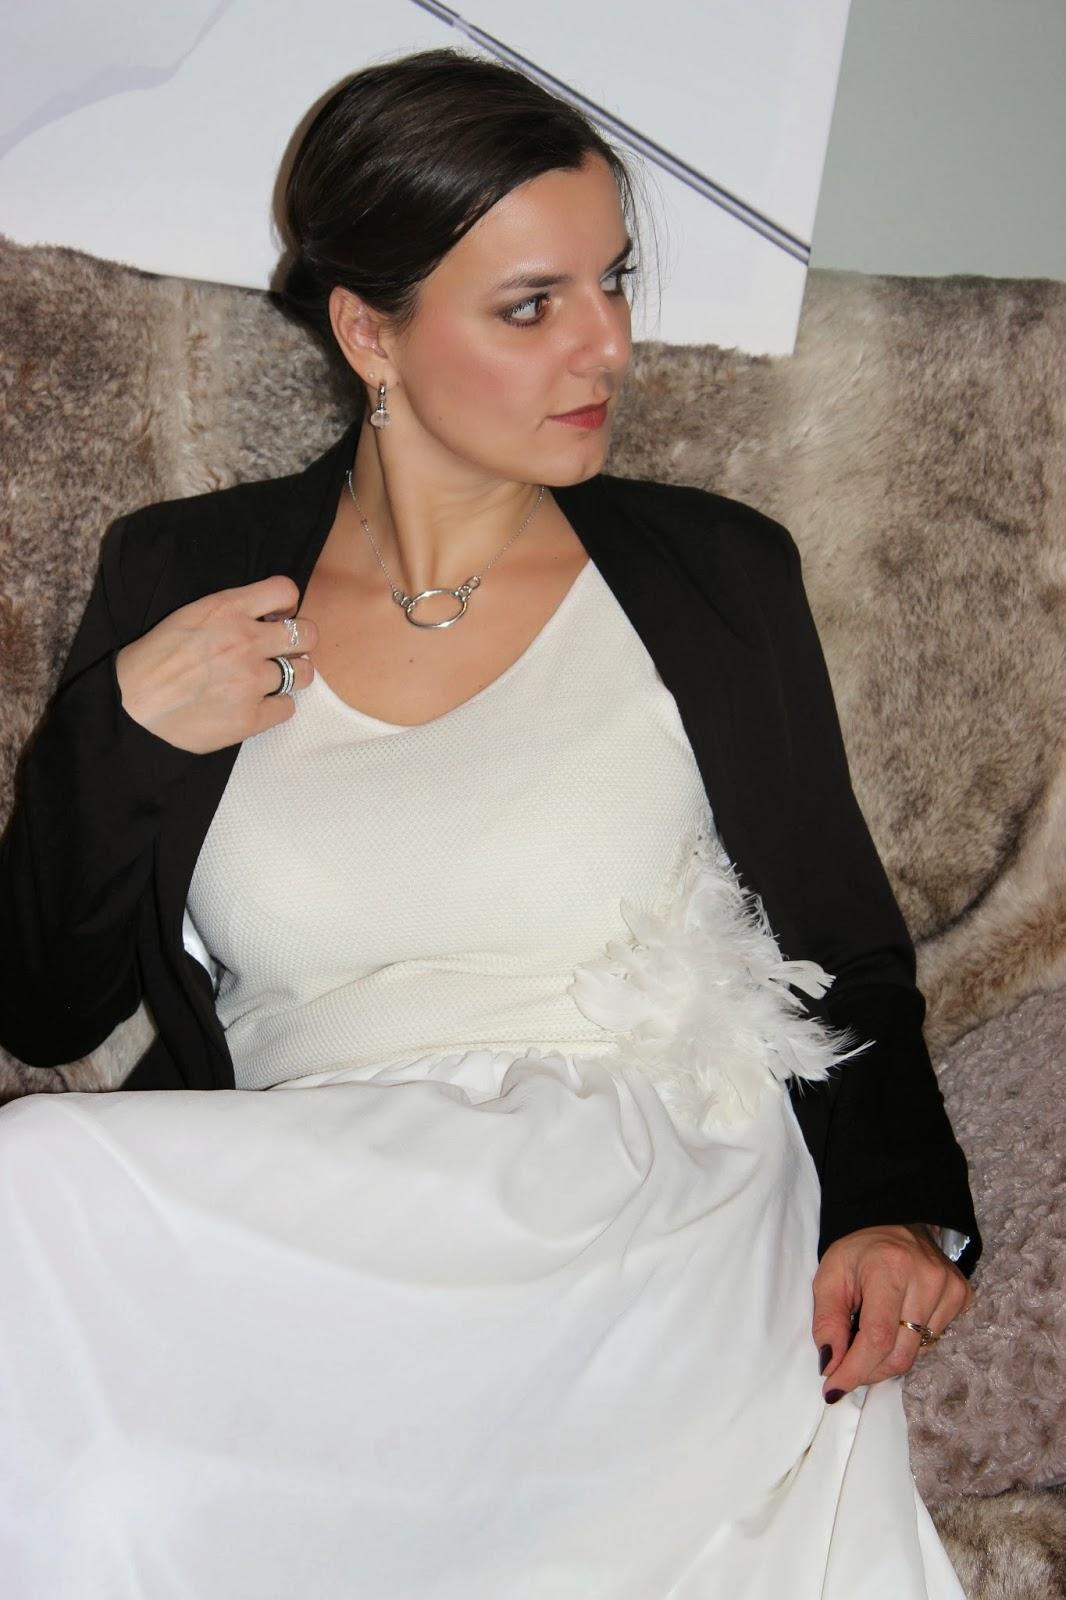 robe blanche naf naf veste persunmall